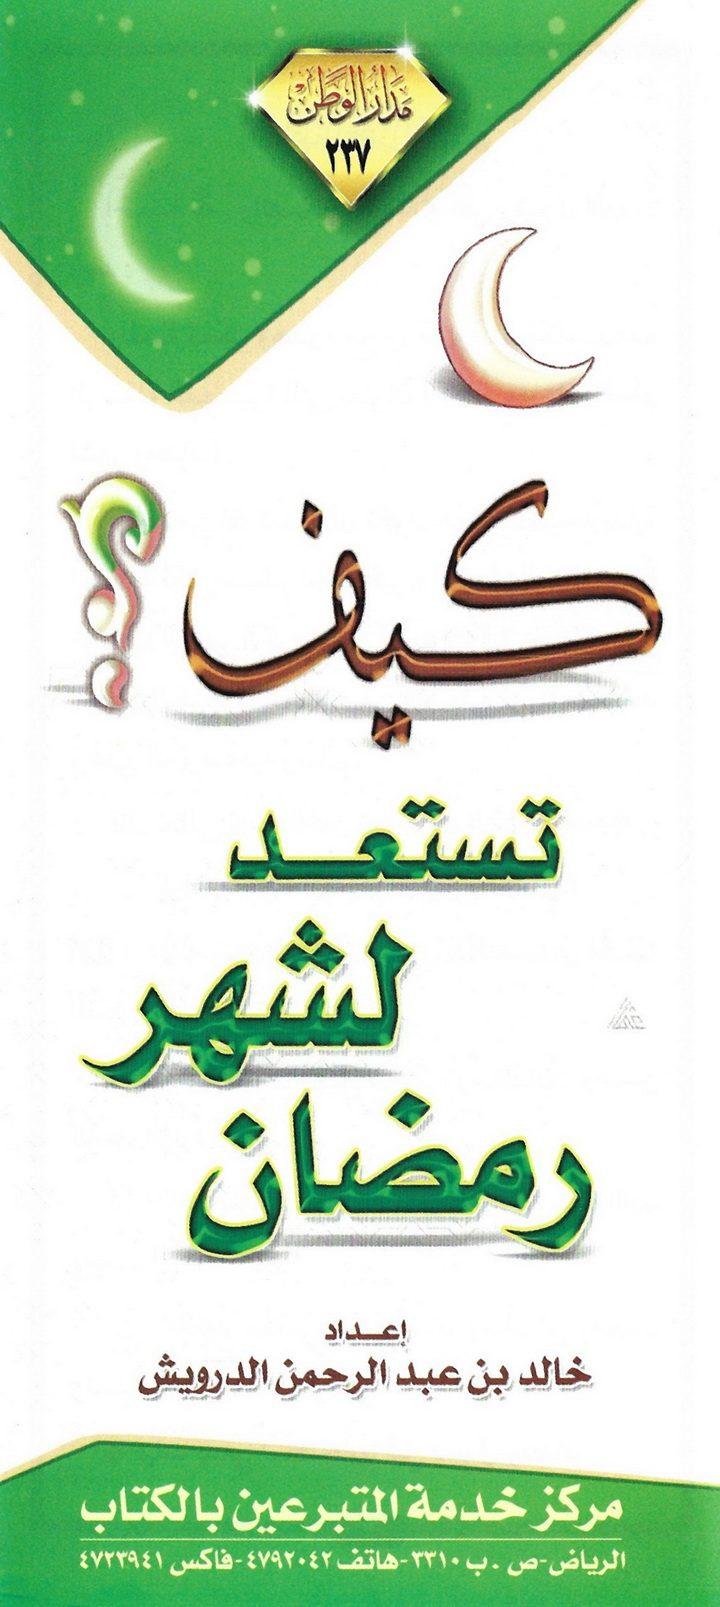 كيف تستعدّ لشهر رمضان ؟ (خالد بن عبد الرحمن الدرويش – مدار الوطن)